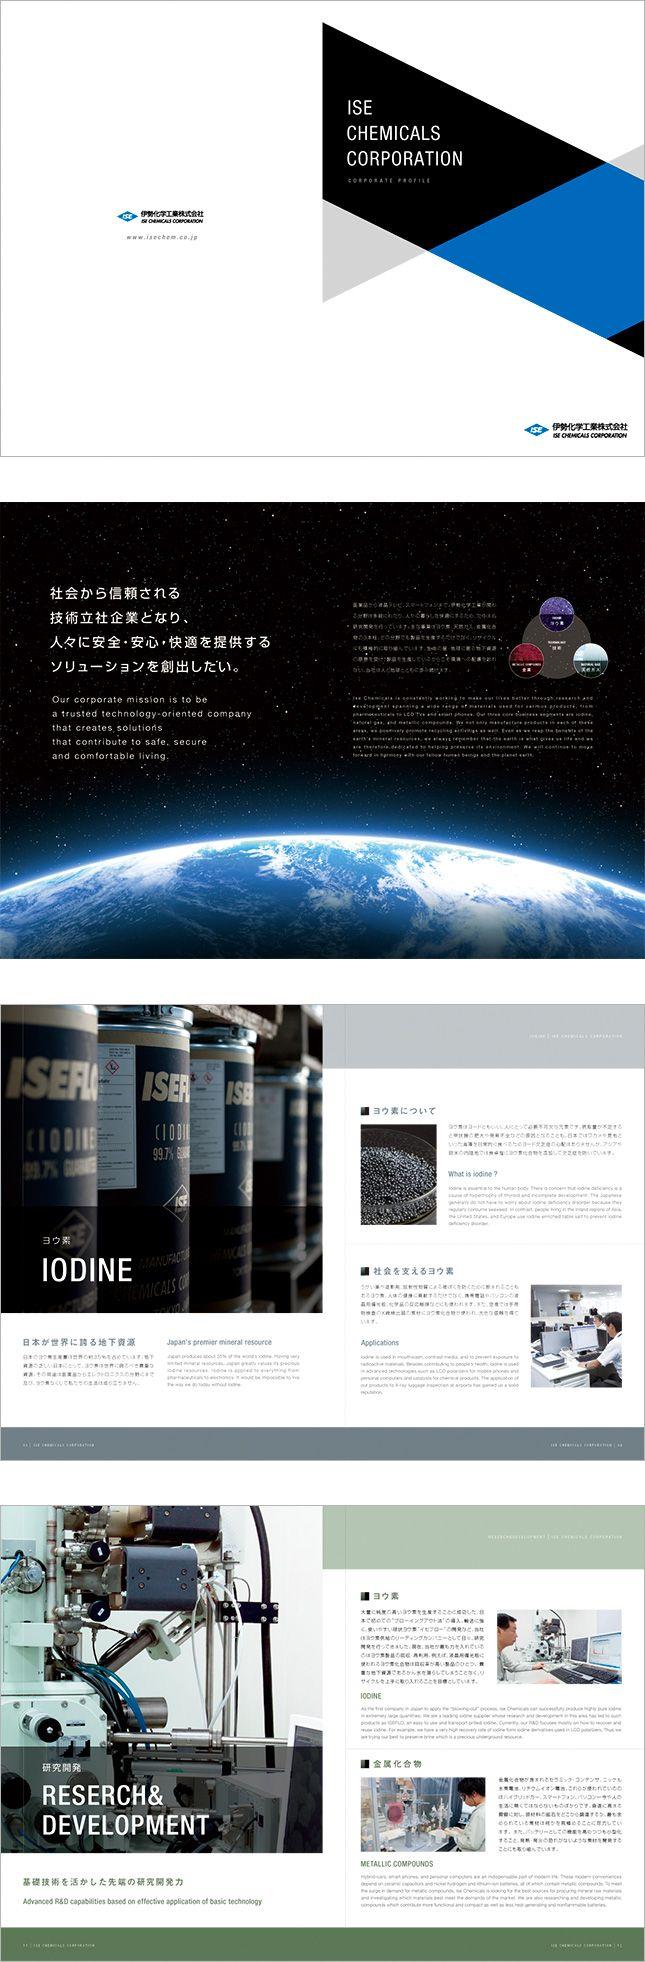 デザイン制作実績015/パンフレットデザイン.com